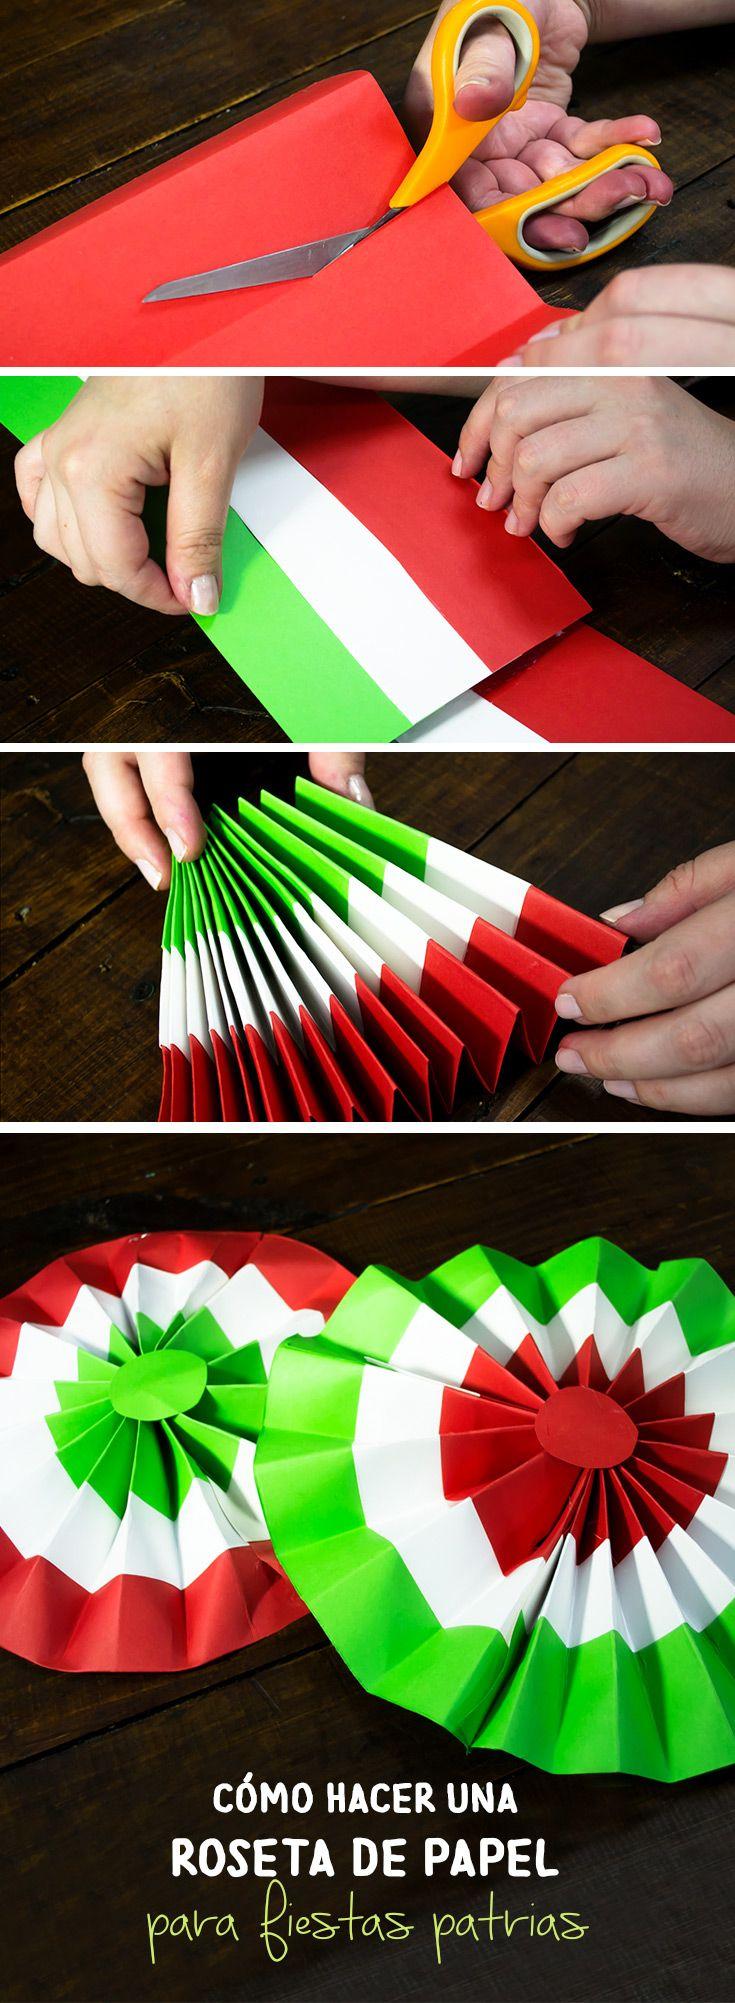 Decora tu casa con esta roseta de papel para fiestas patrias. Puedes colgarlas en la pared o colocarlas sobre una mesa de dulces.